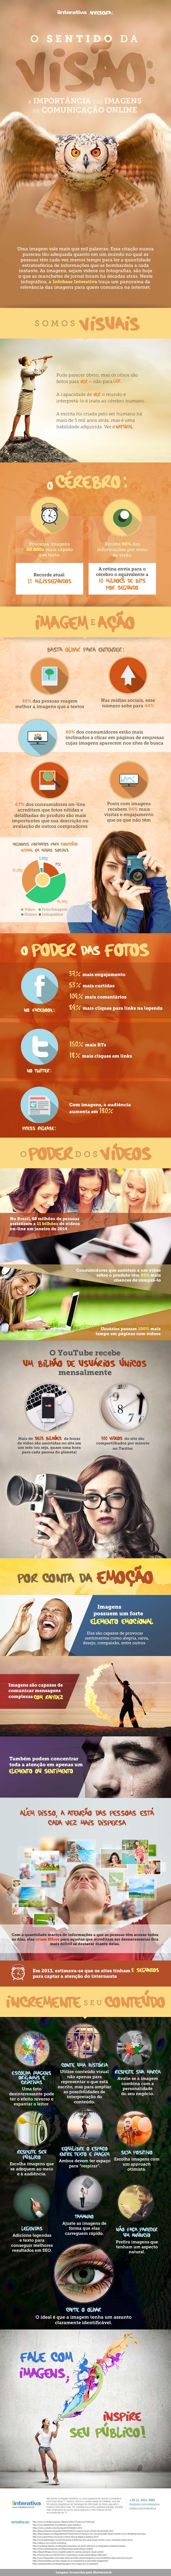 infografico-importancia-das-imagens-na-comunicacao